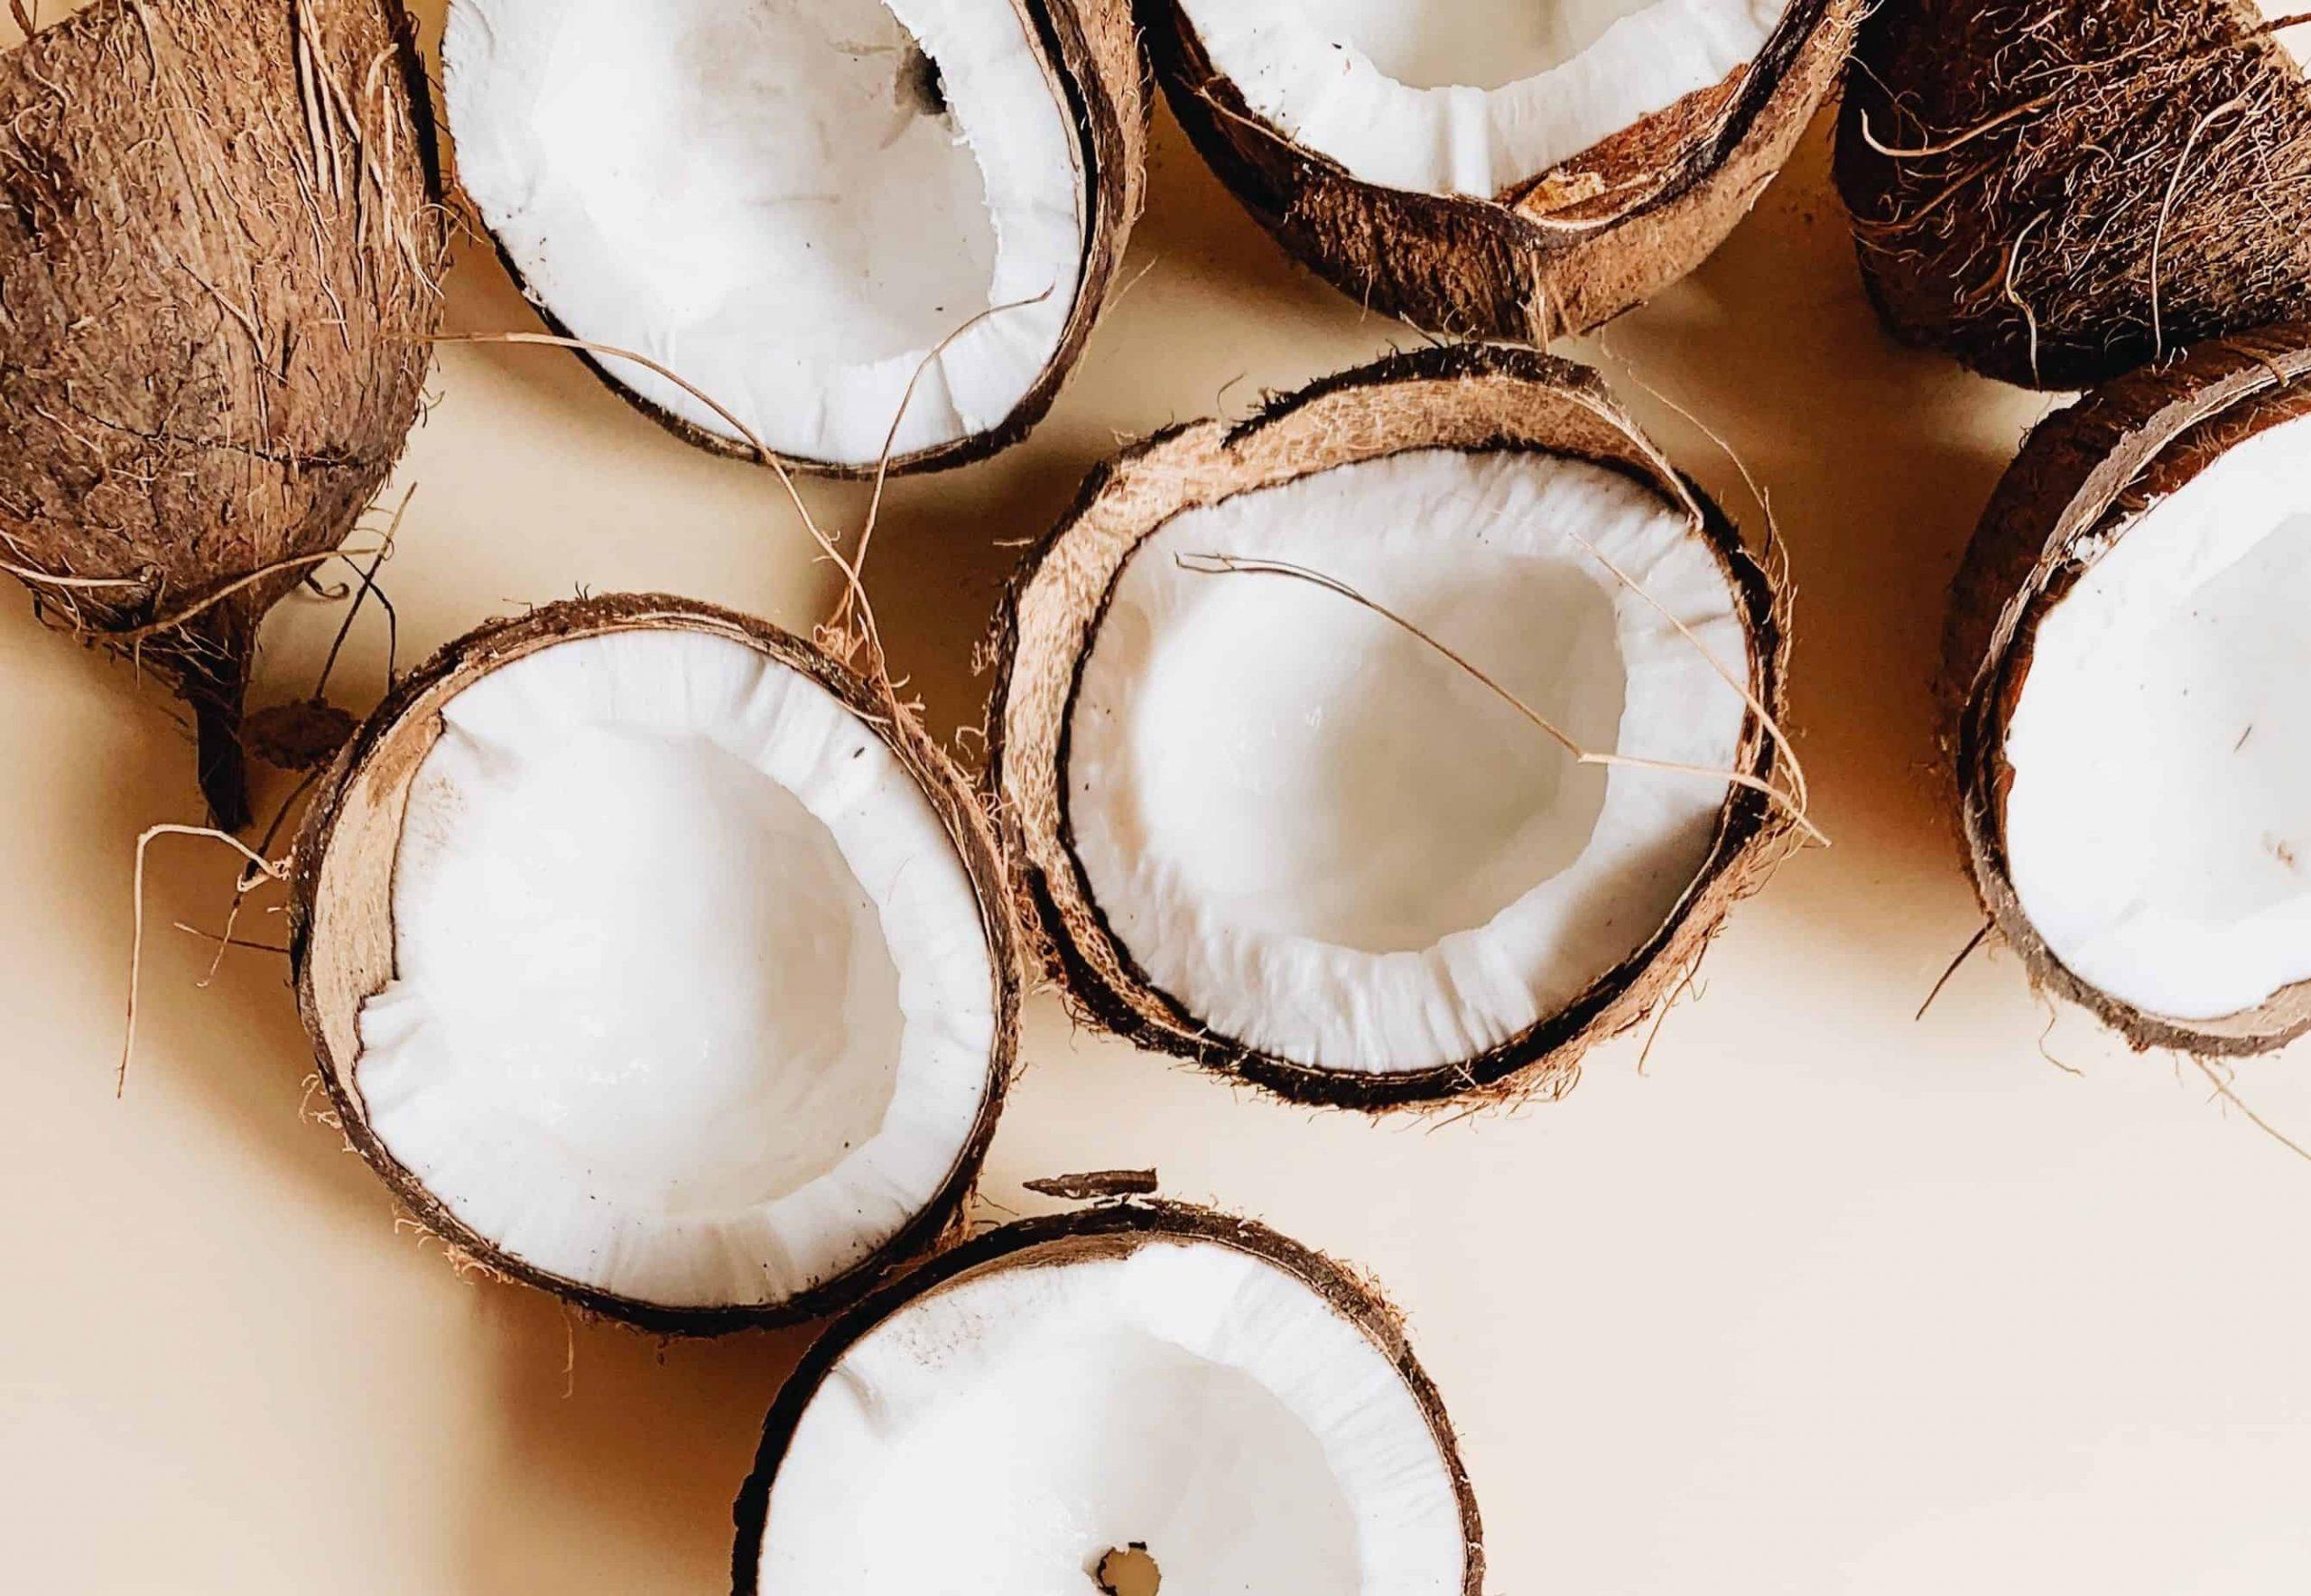 Kokosmilch: Test & Empfehlungen (03/20)